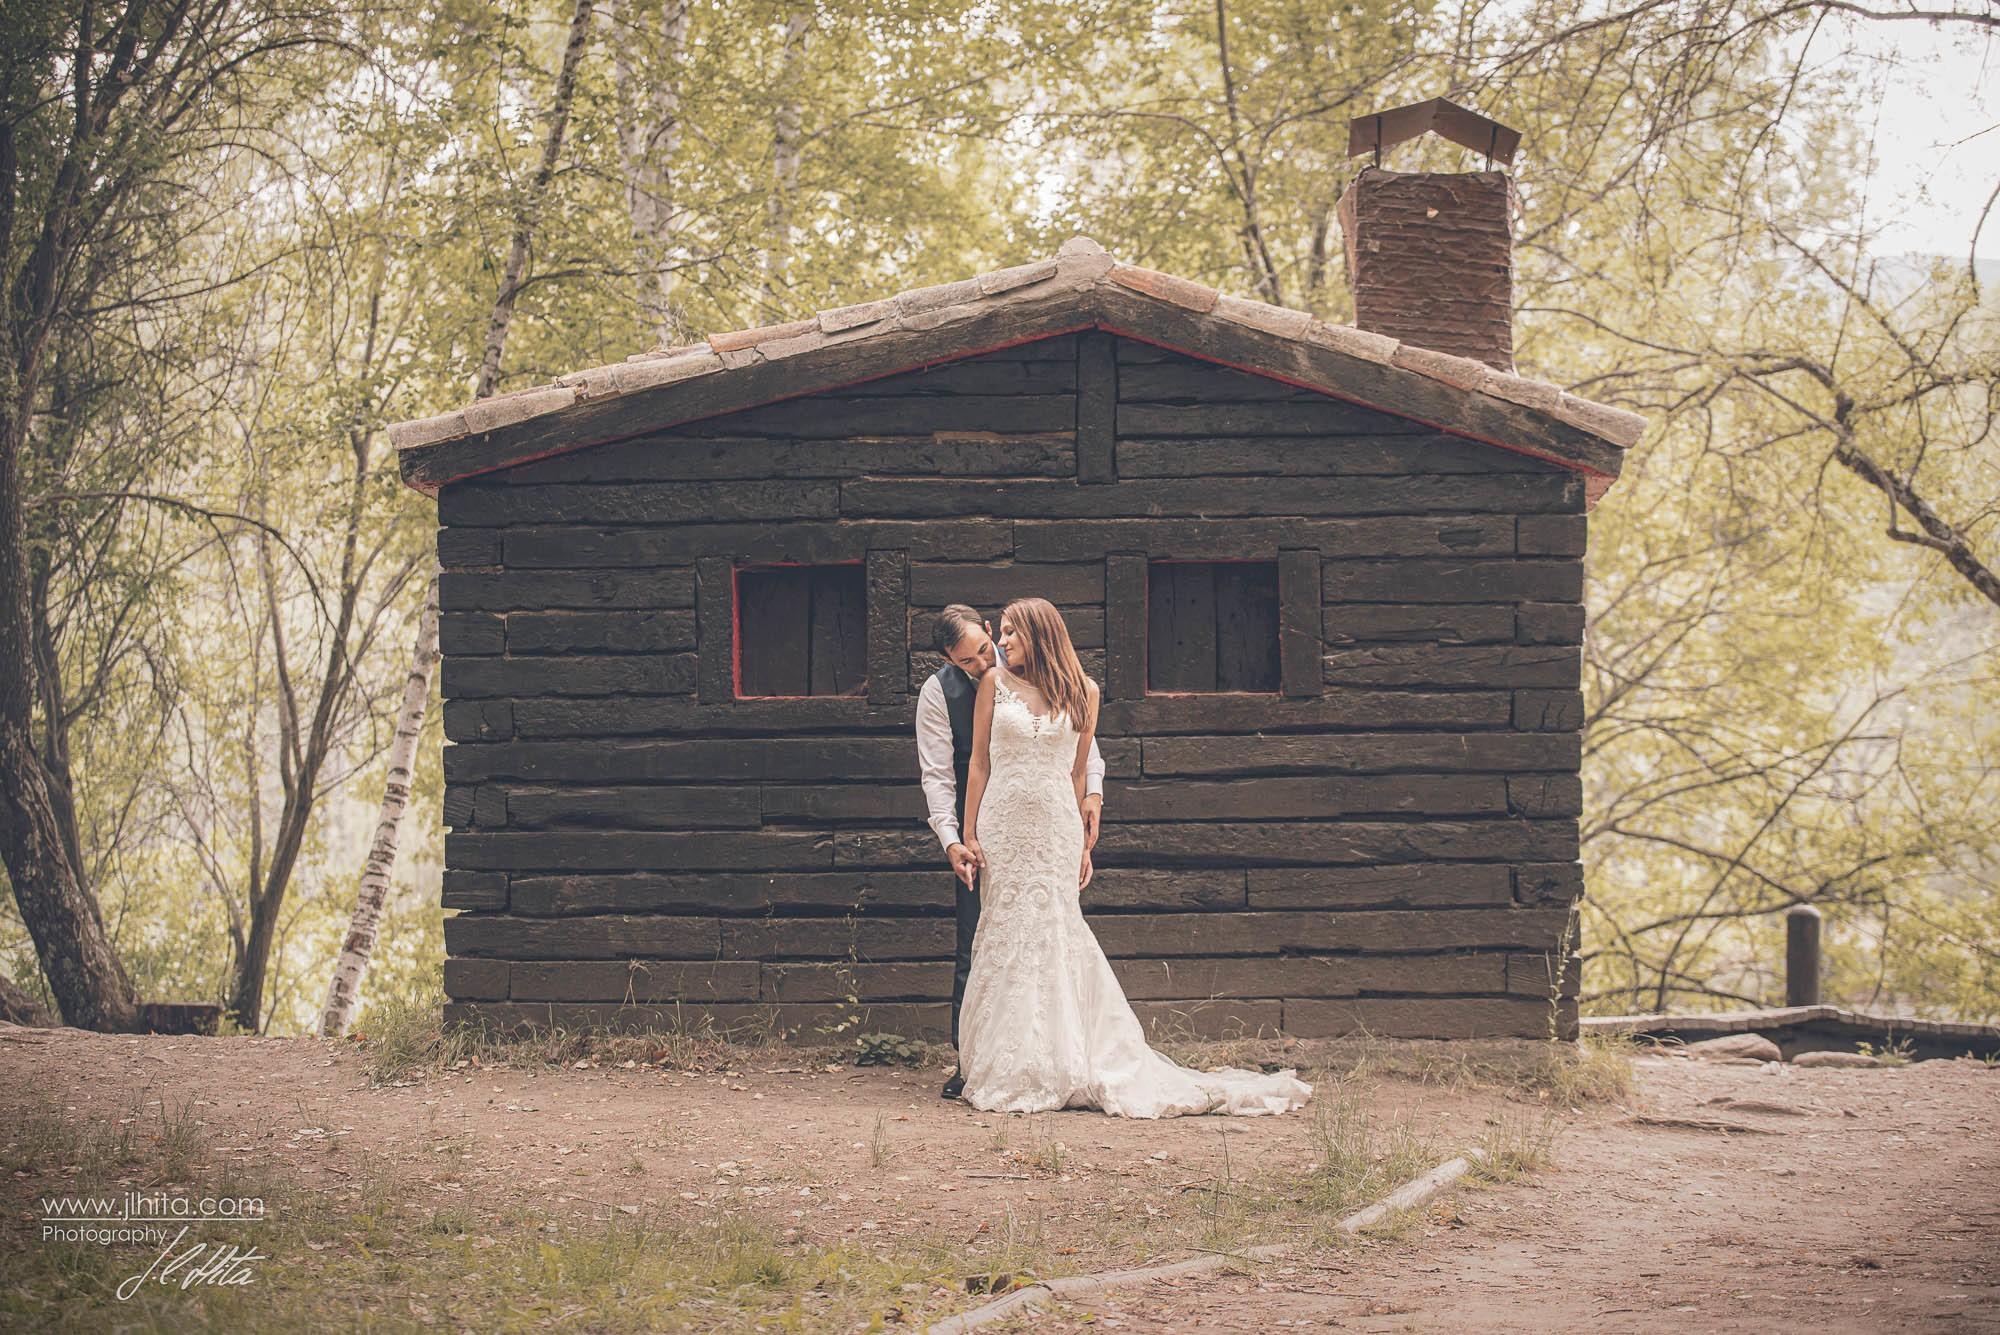 Pareja en una sauna finlandesa en Rascafria